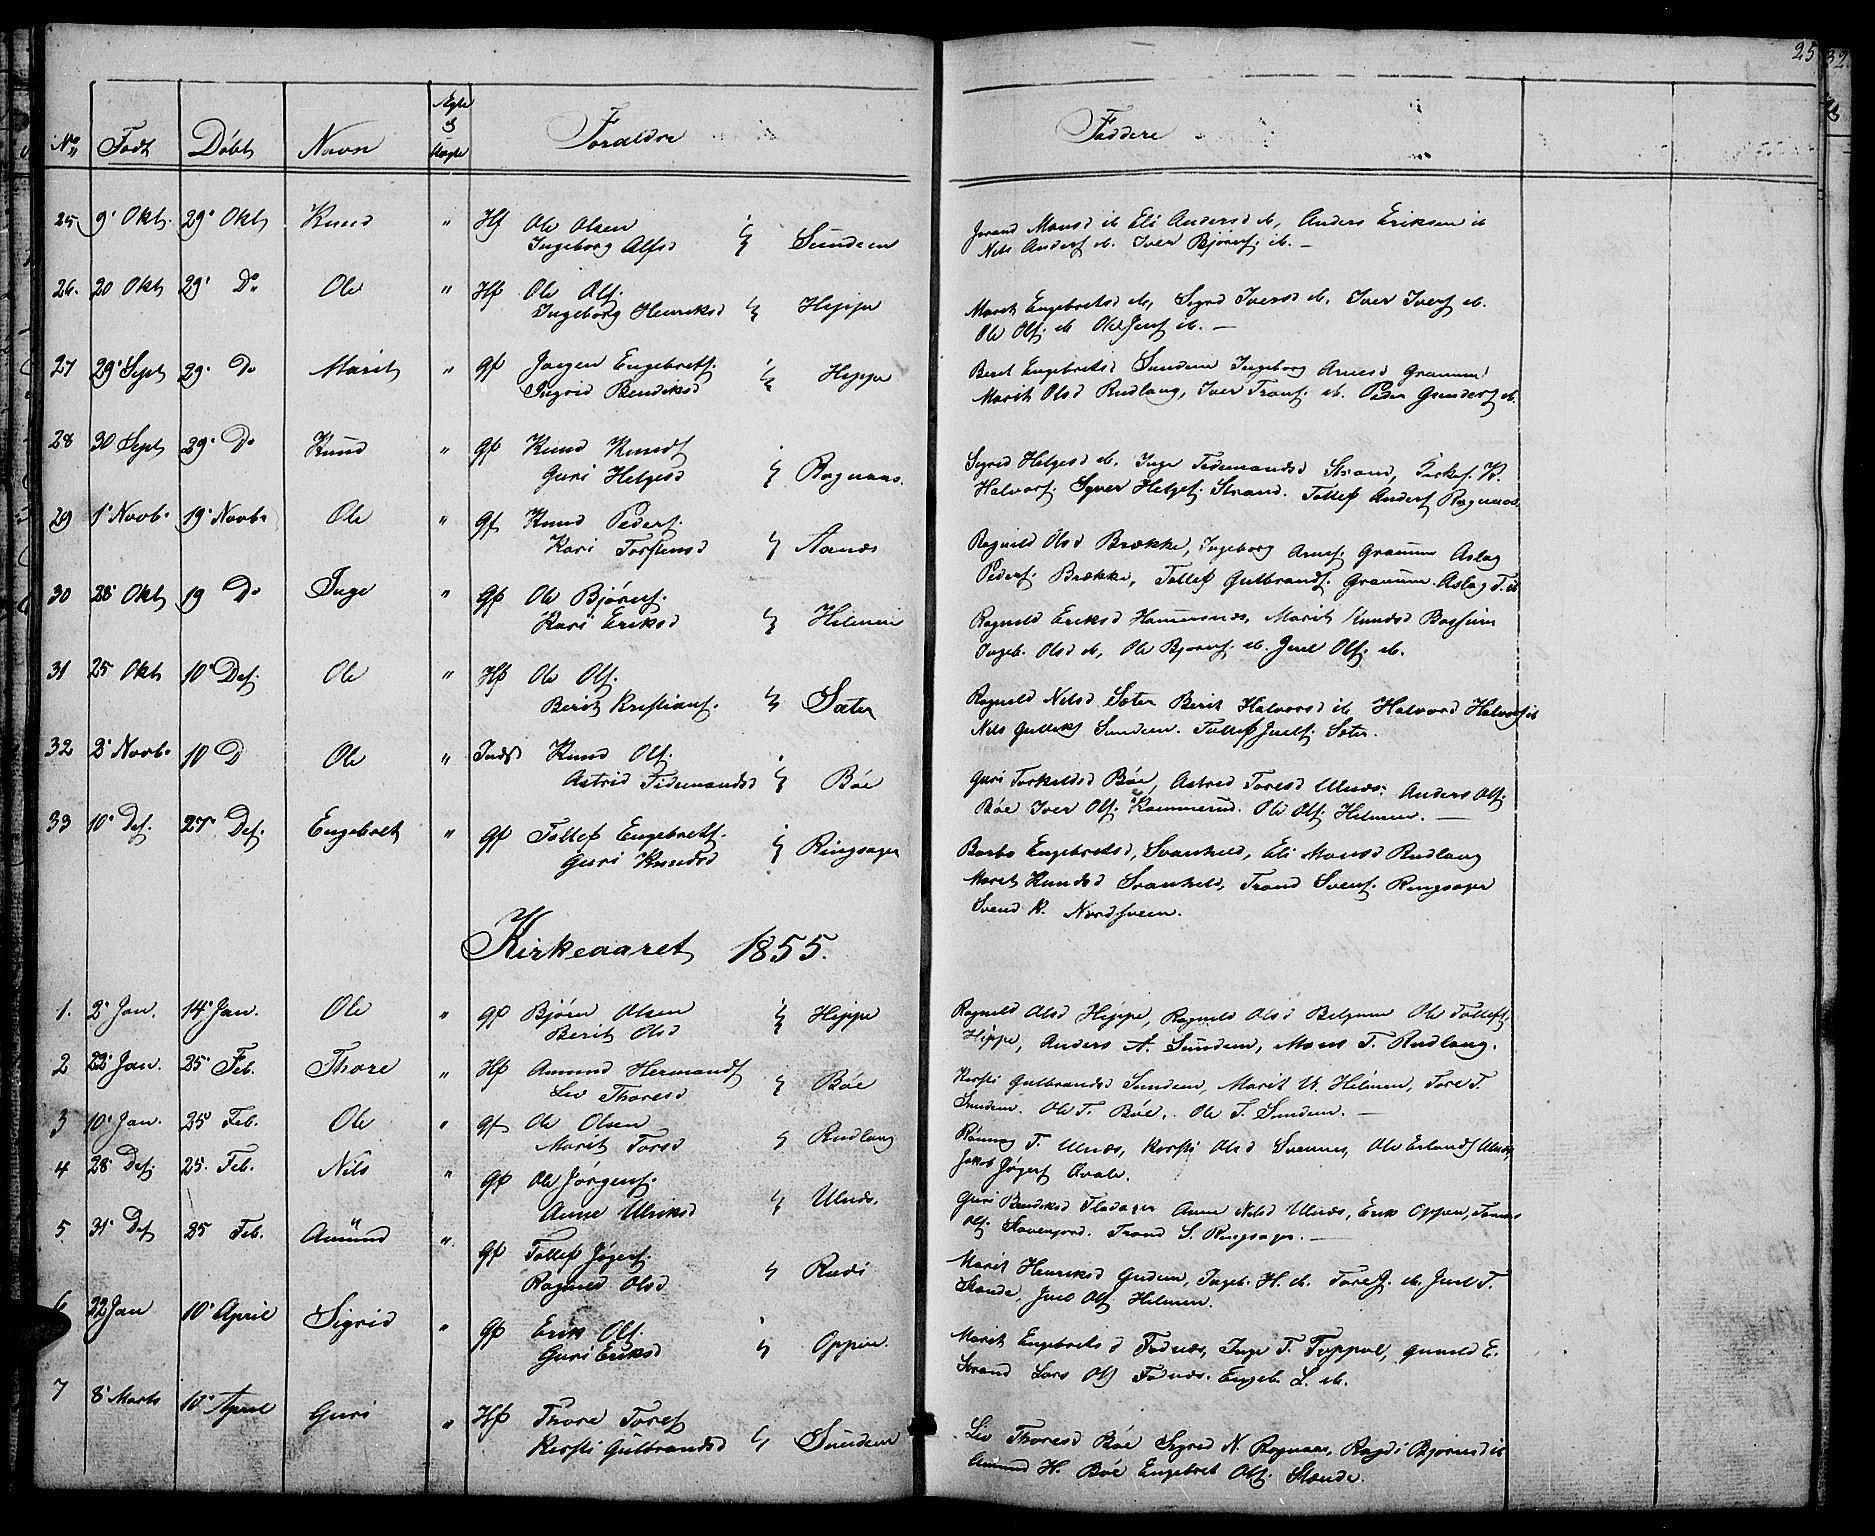 SAH, Nord-Aurdal prestekontor, Klokkerbok nr. 4, 1842-1882, s. 25